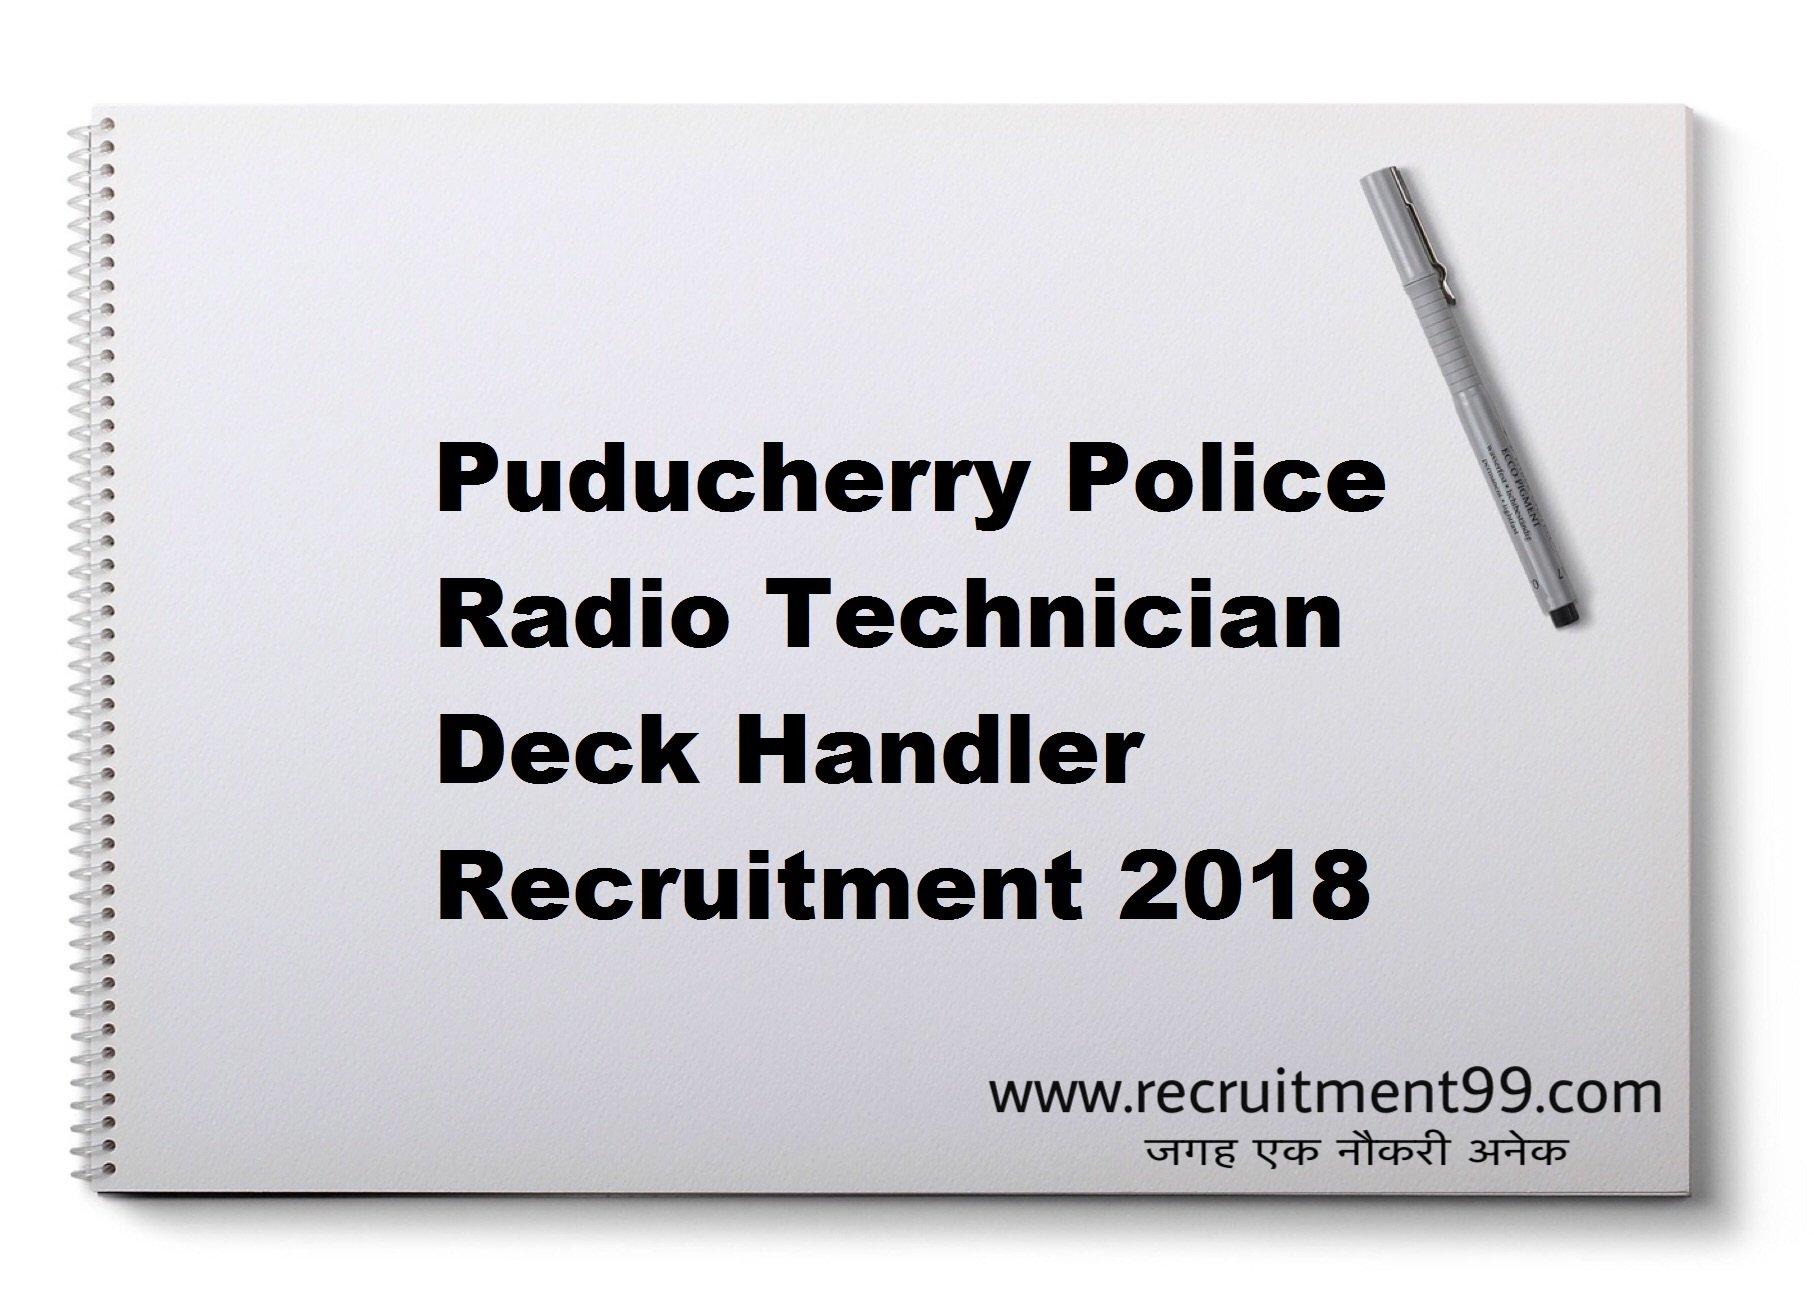 Puducherry Police Radio Technician Deck Handler Recruitment Admit Card Result 2018